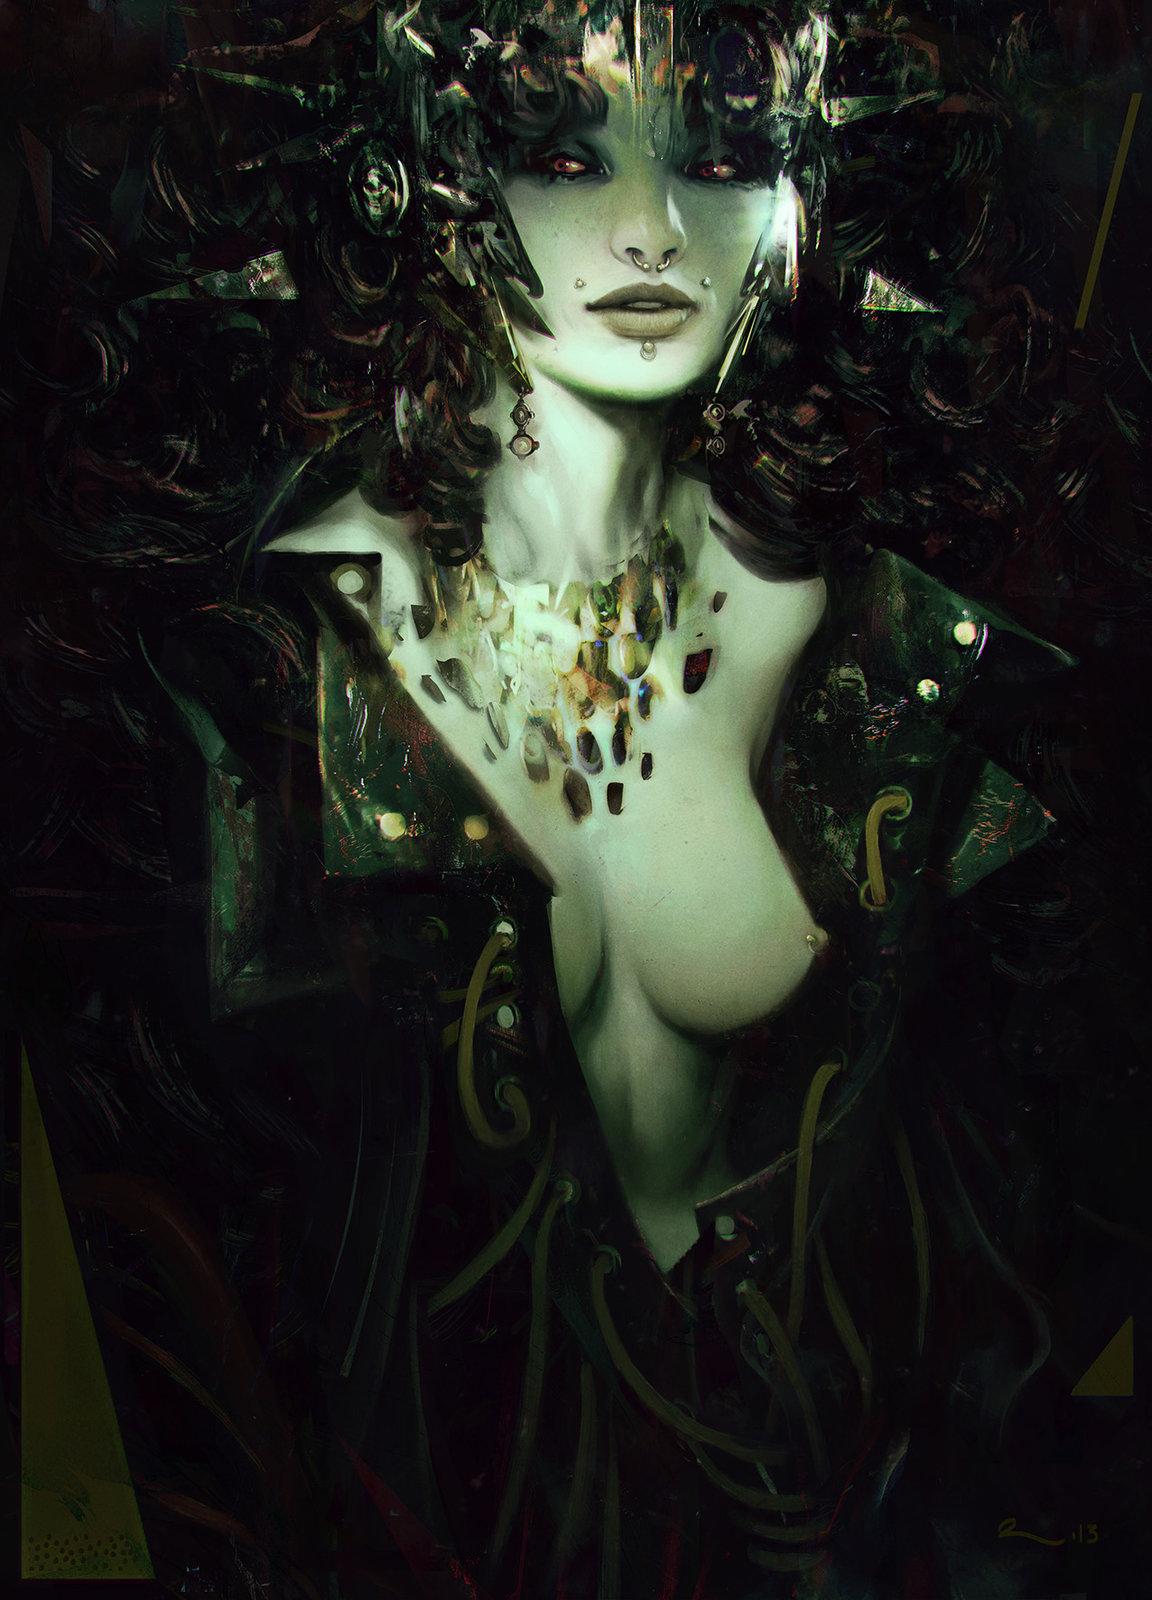 Lady Le Fay